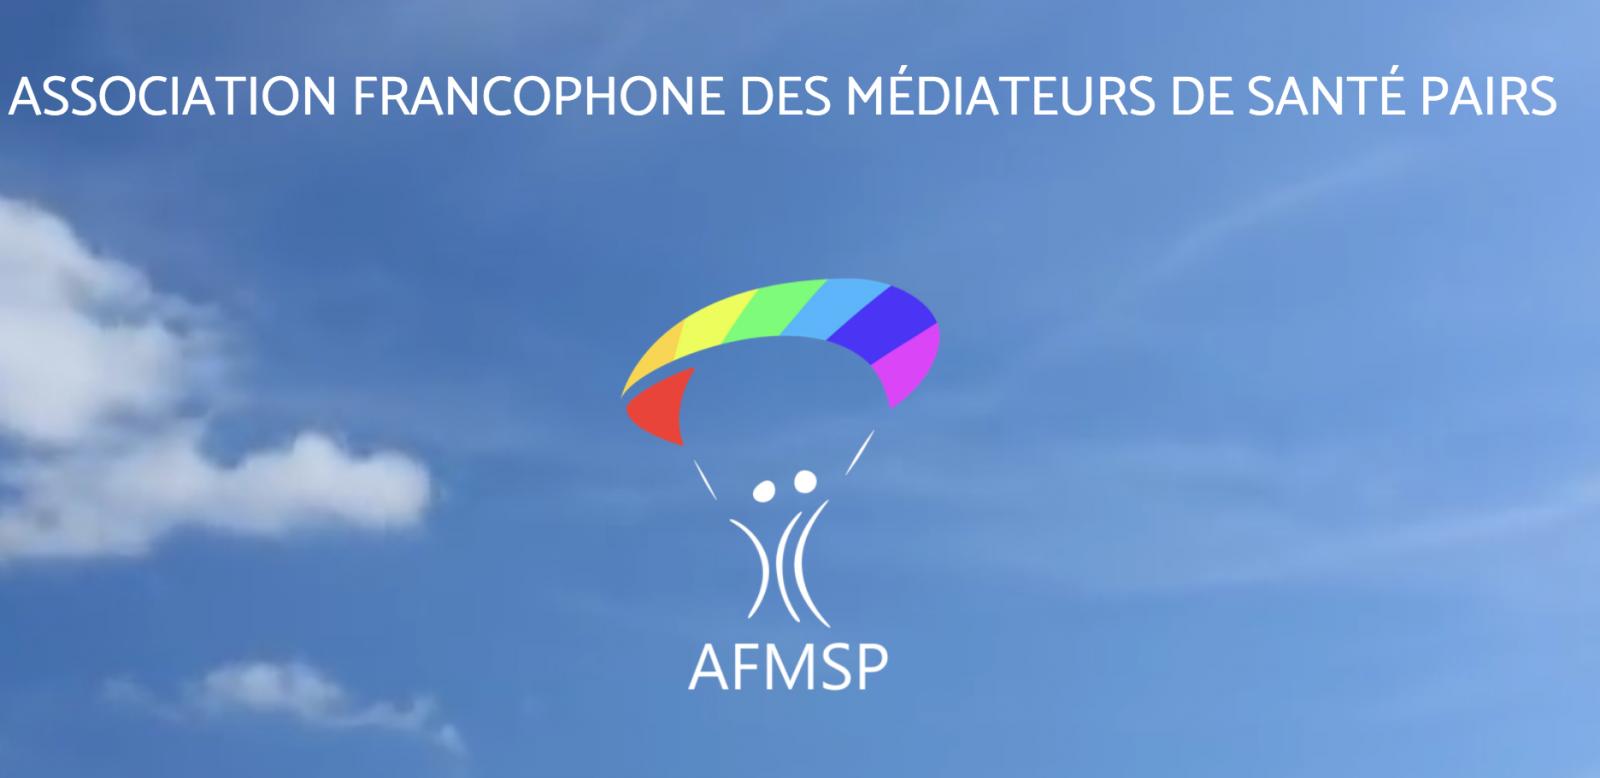 Association Francophone des Médiateurs de Santé Pairs (AFMSP) )